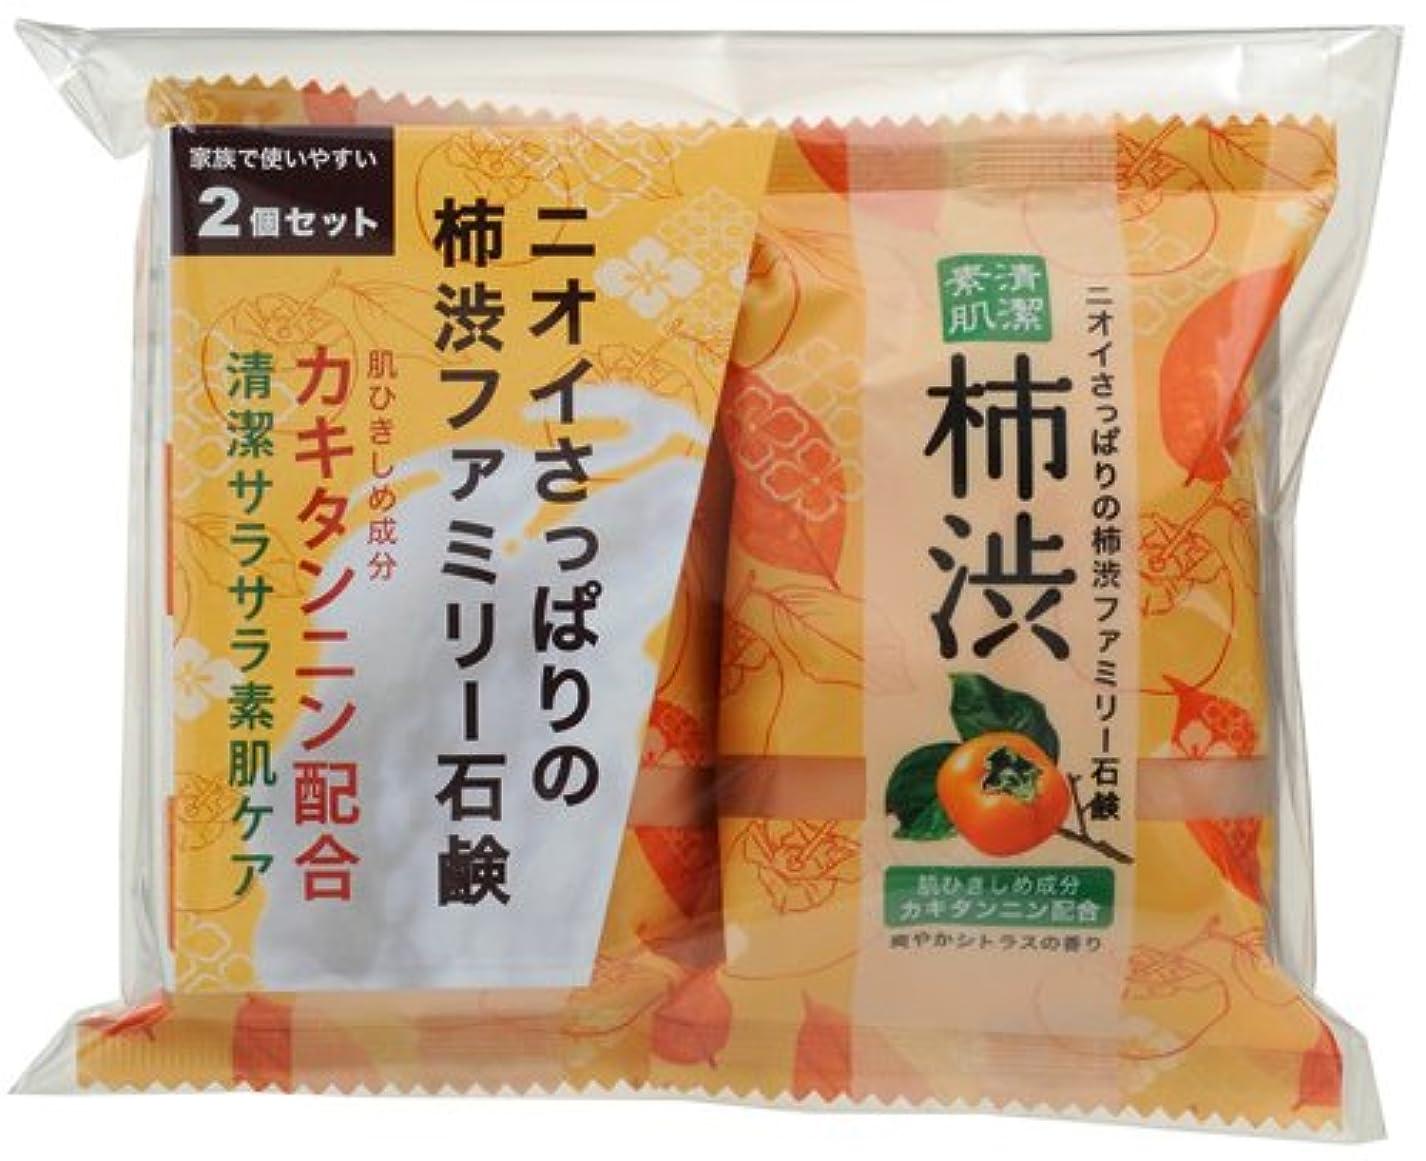 コードレス四分円駅ペリカン石鹸 ファミリー柿渋石けん 80g×2個